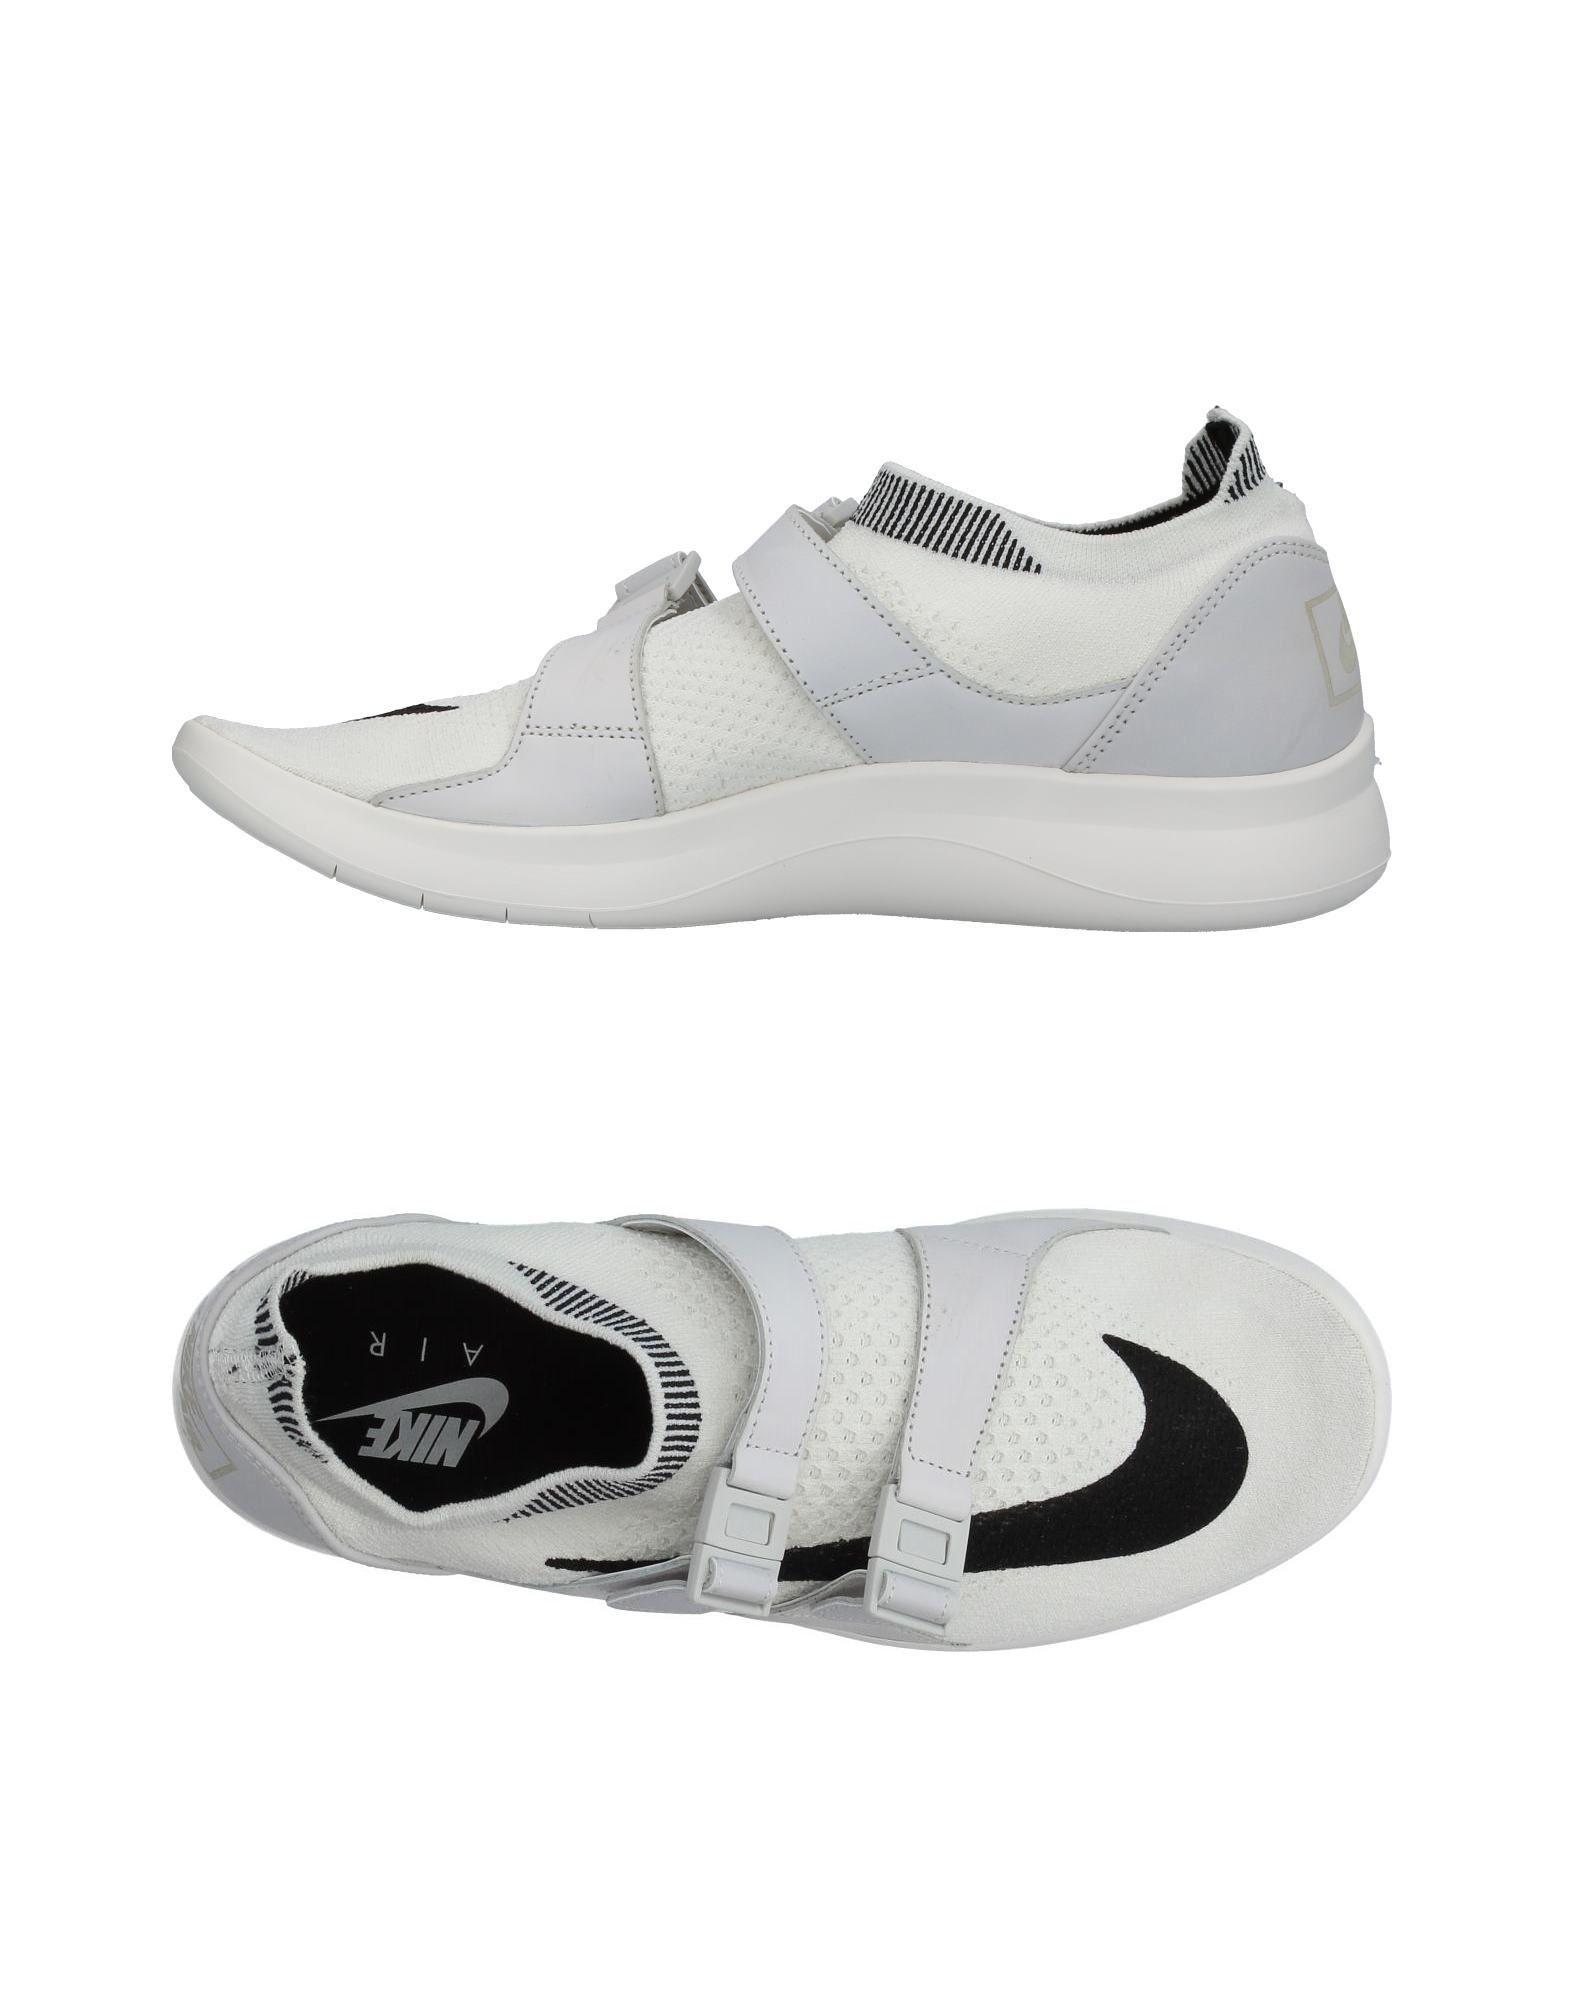 Moda Scarpe da Uomo Ginnastica Nike Uomo da - 11409369FO c79bc5